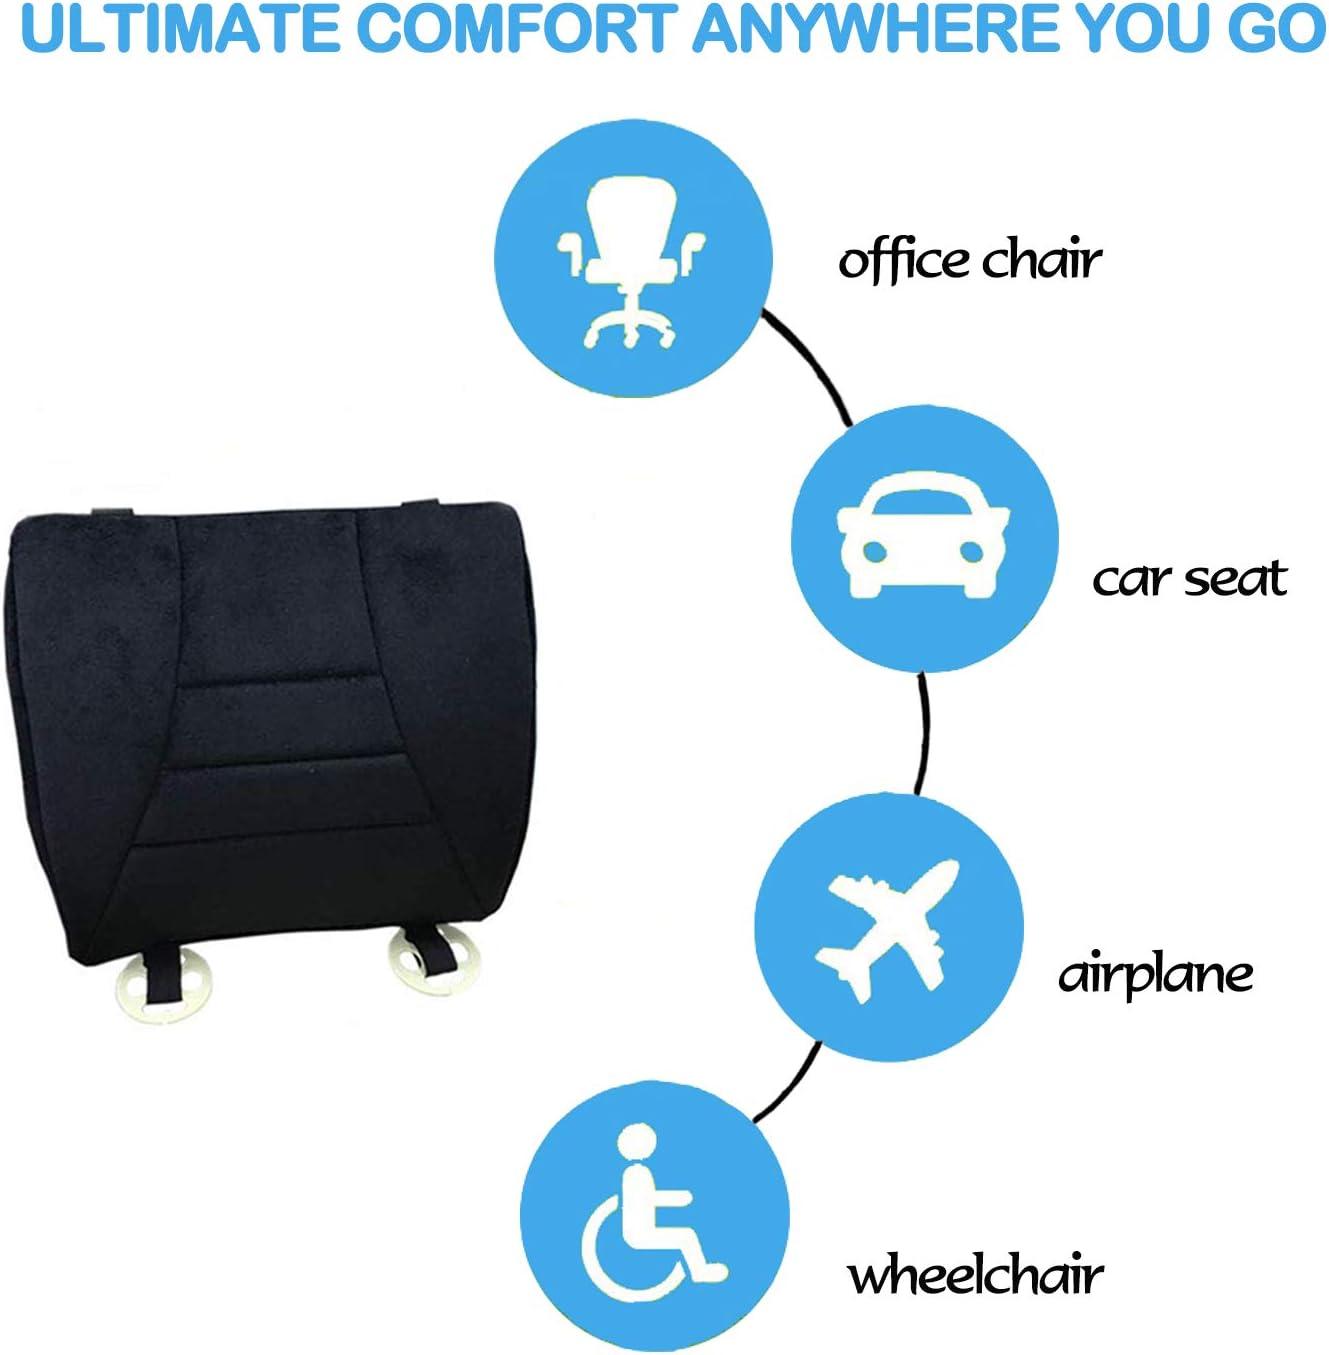 Almohadilla del asiento trasero para autom/óvil Almohada lumbar almohada ortop/édica de soporte lumbar para la parte inferior de la espalda oficina y silla de ruedas coxis alivio de la cadera